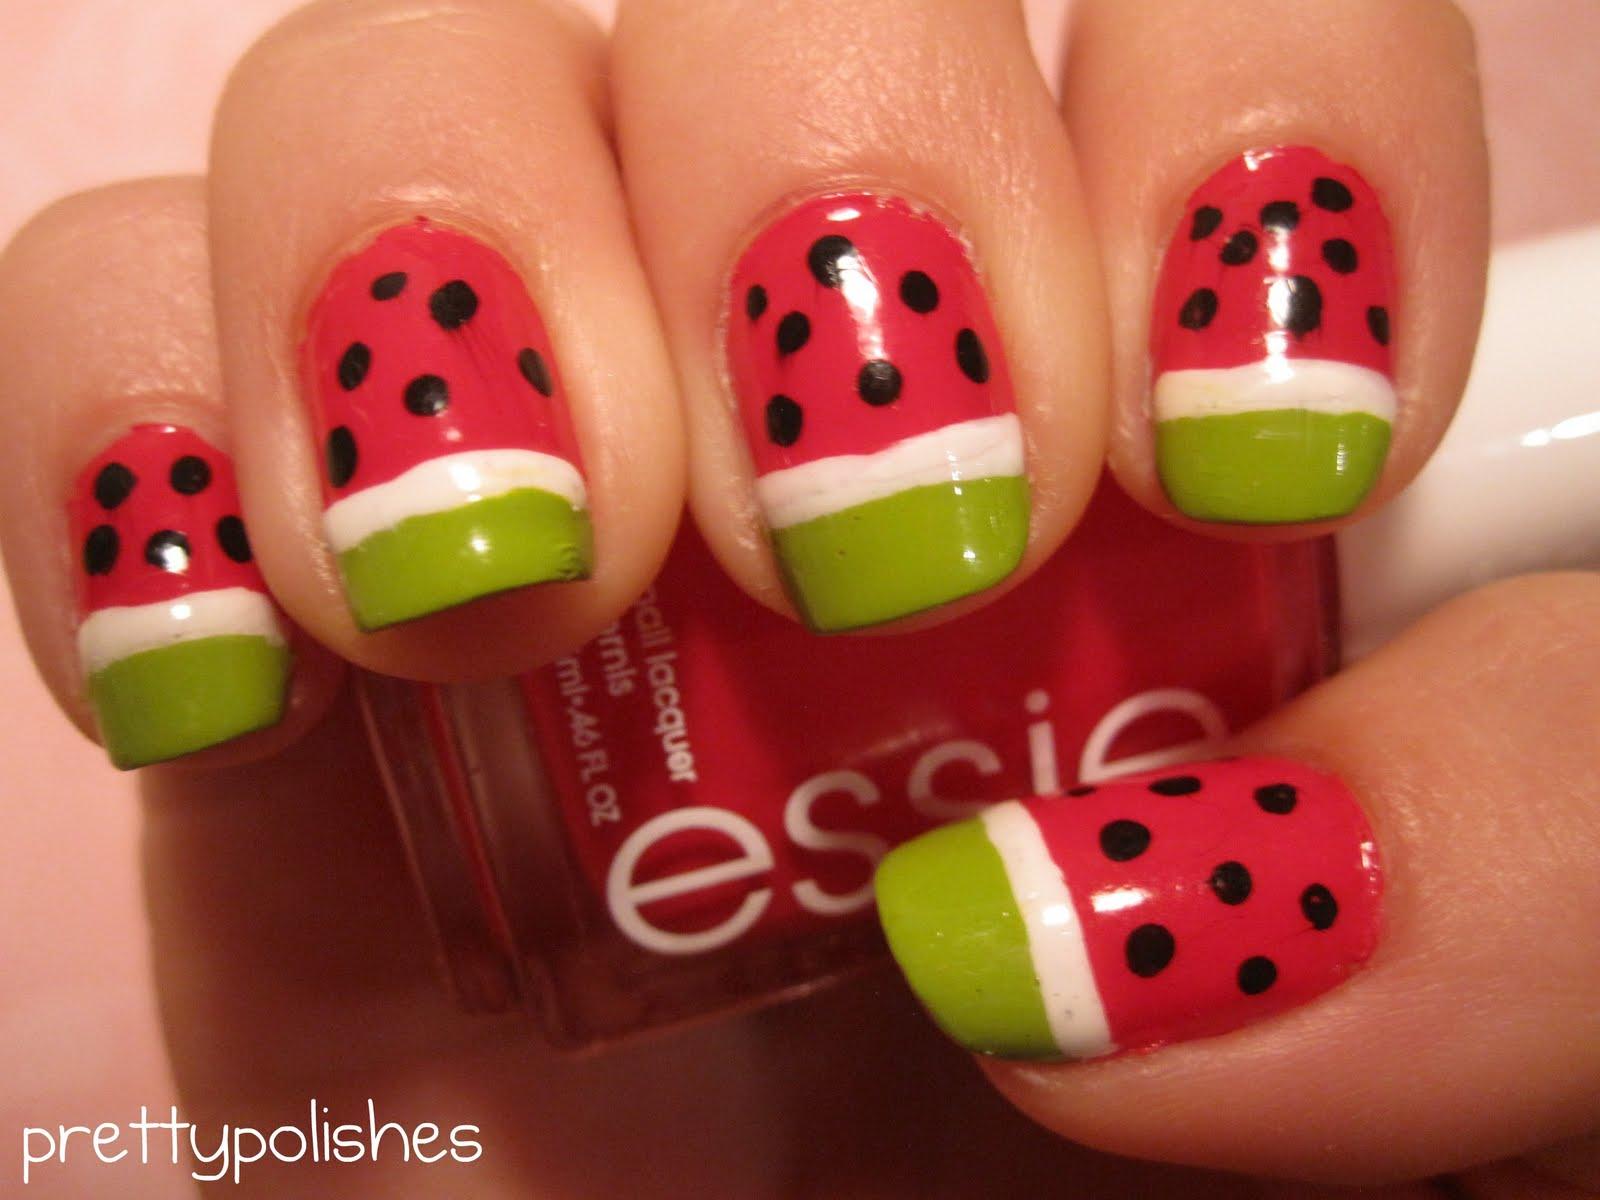 prettypolishes: Watermelon Nail Art